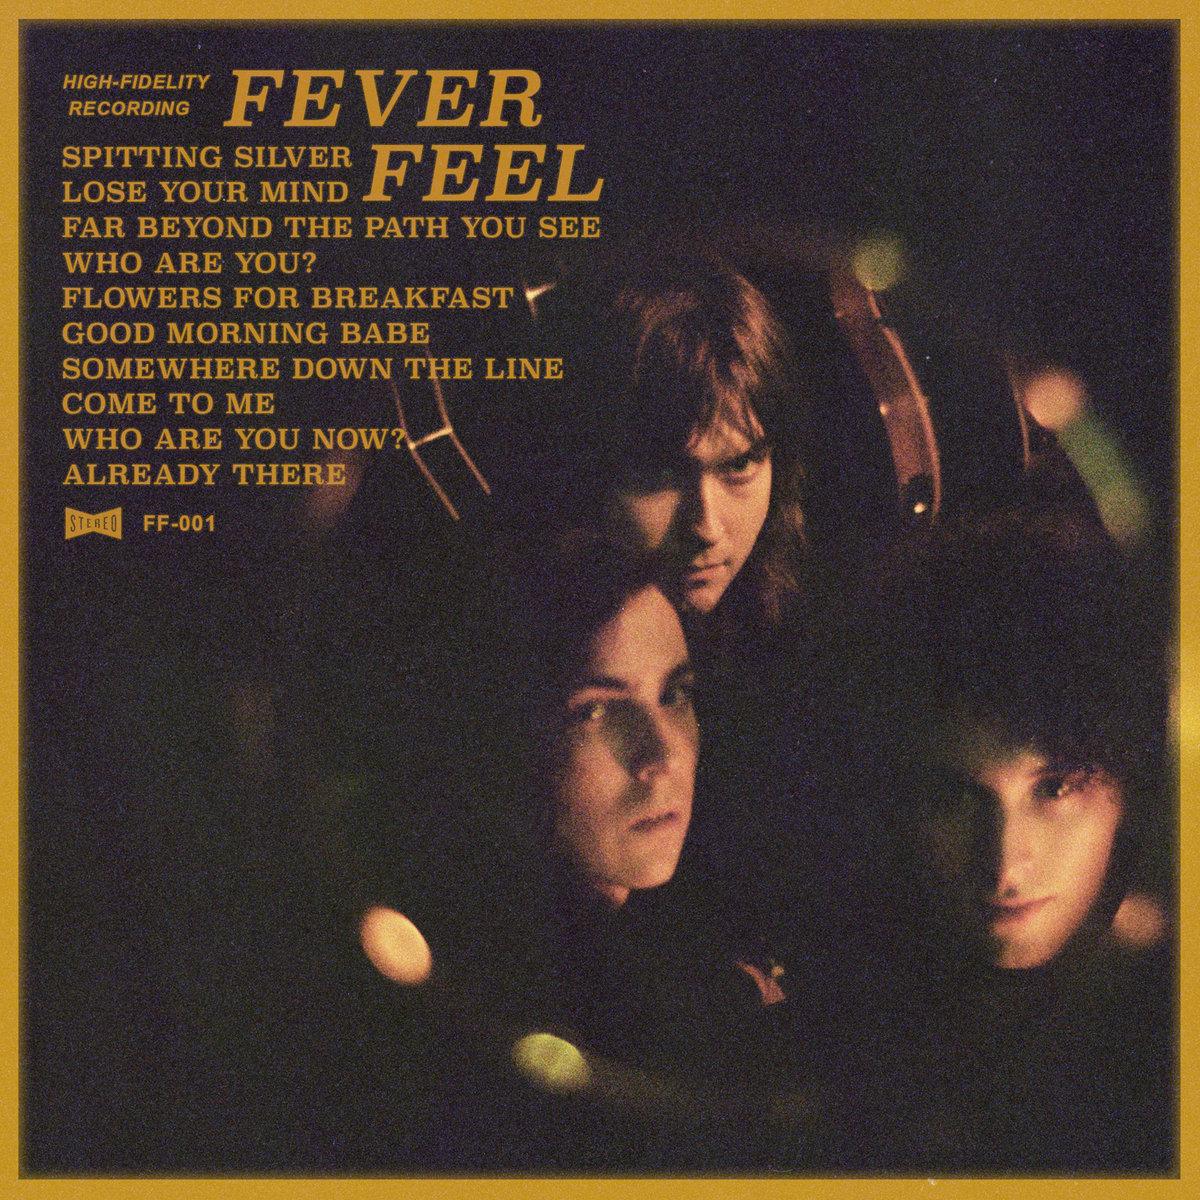 Fever Feel - Self Titled